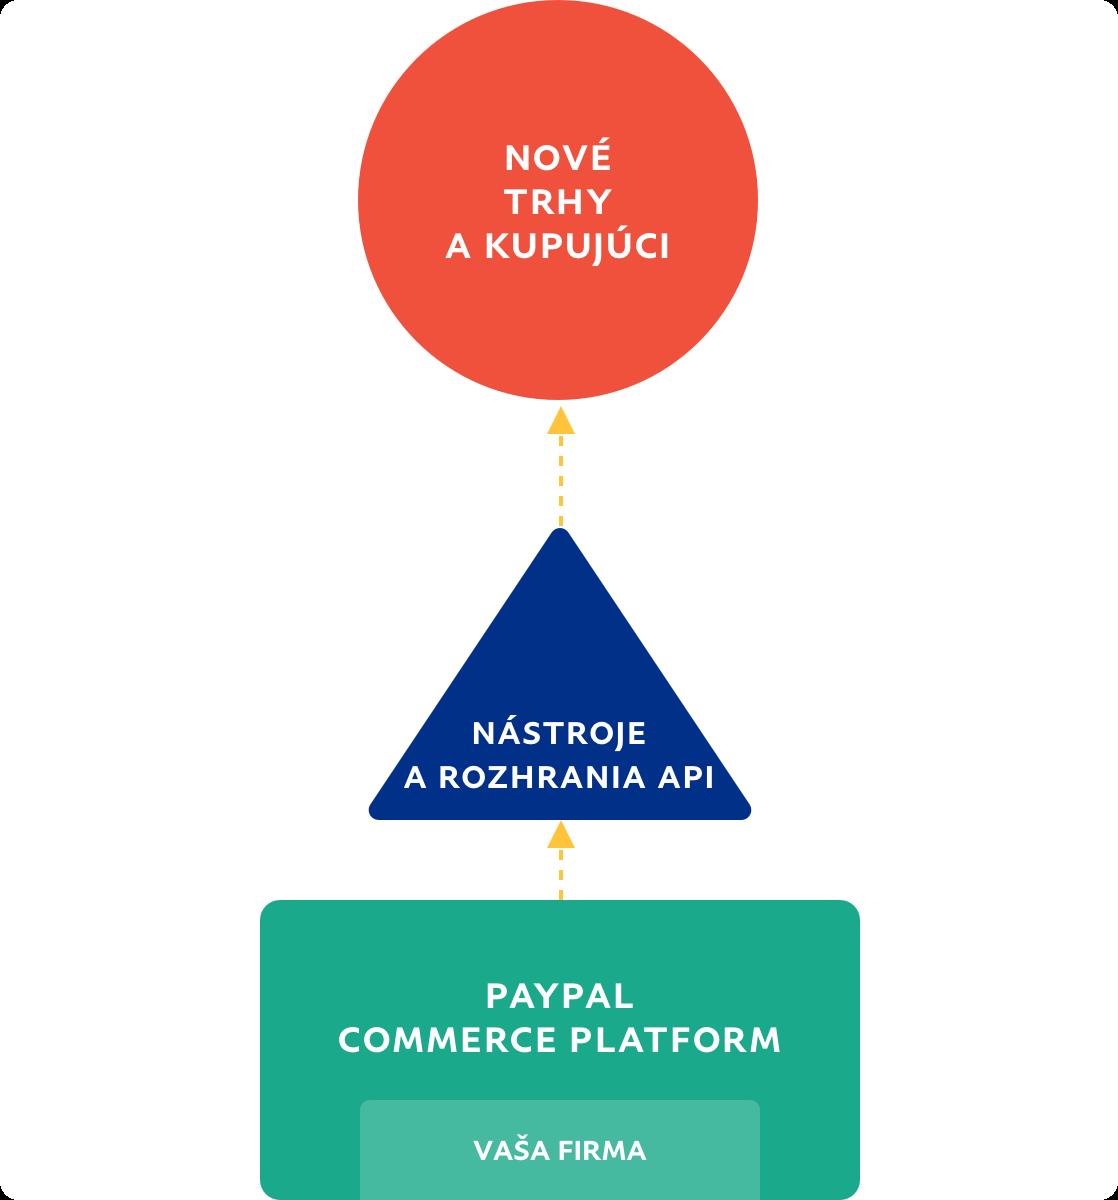 Vývojový diagram znázorňujúci cestu firmy na nové trhy aknovým kupujúcim.